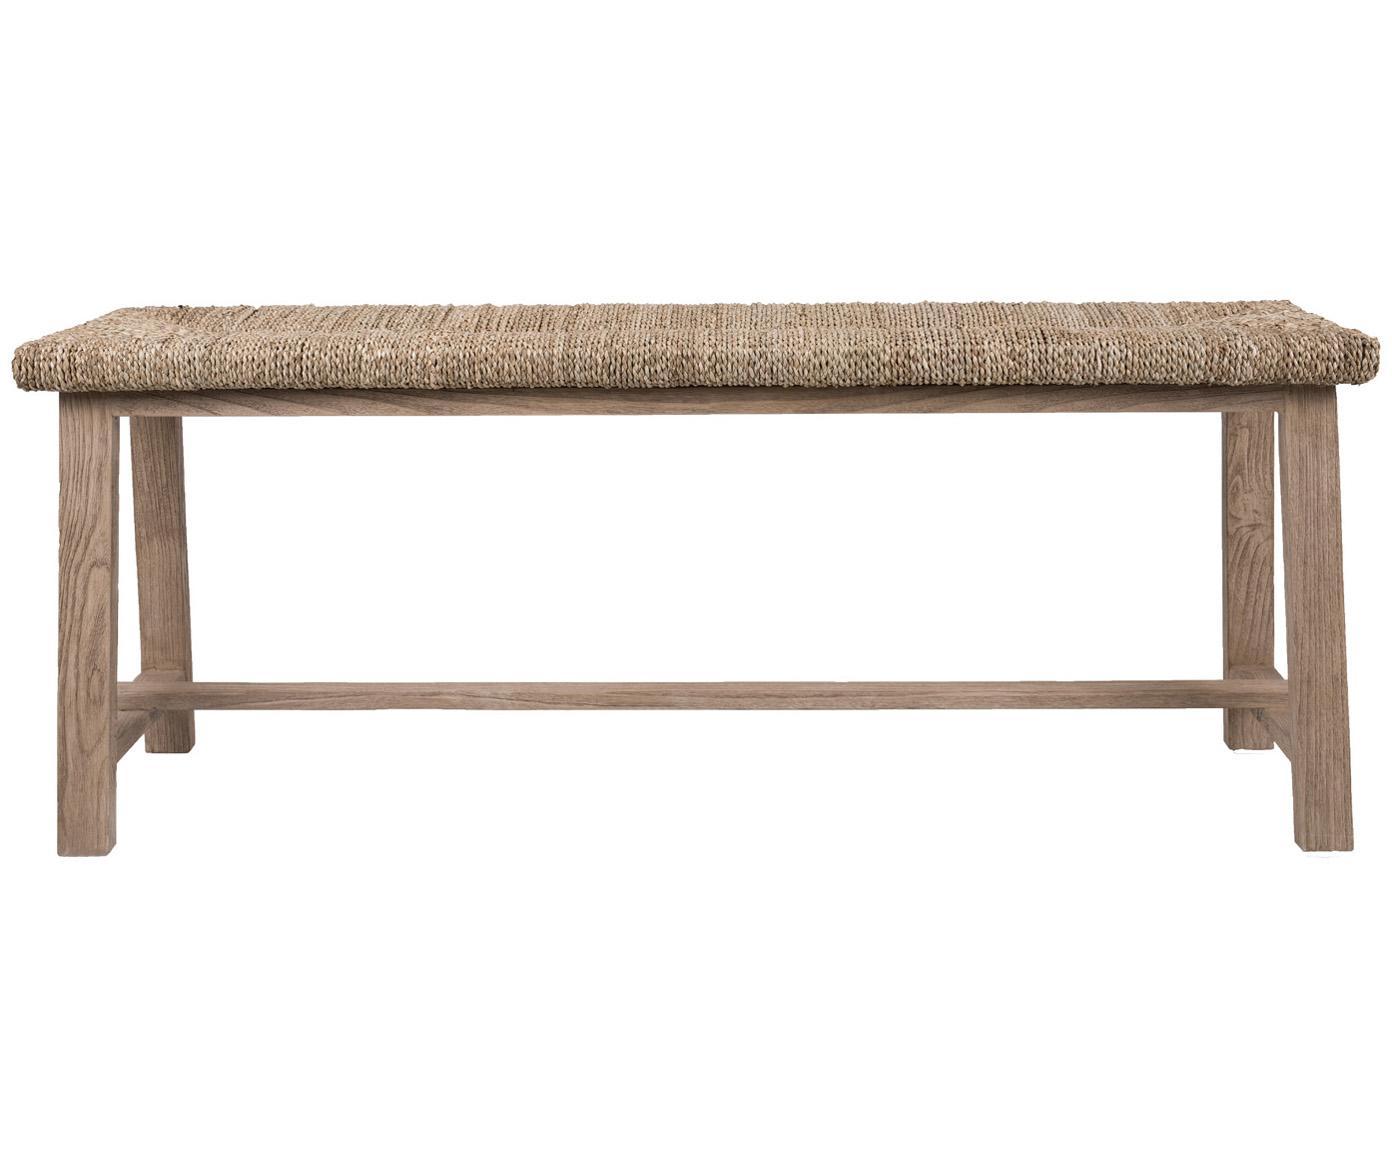 Ławka Thuille, Stelaż: lite drewno dębowe, piask, Drewno dębowe, beżowy, S 124 x W 51 cm